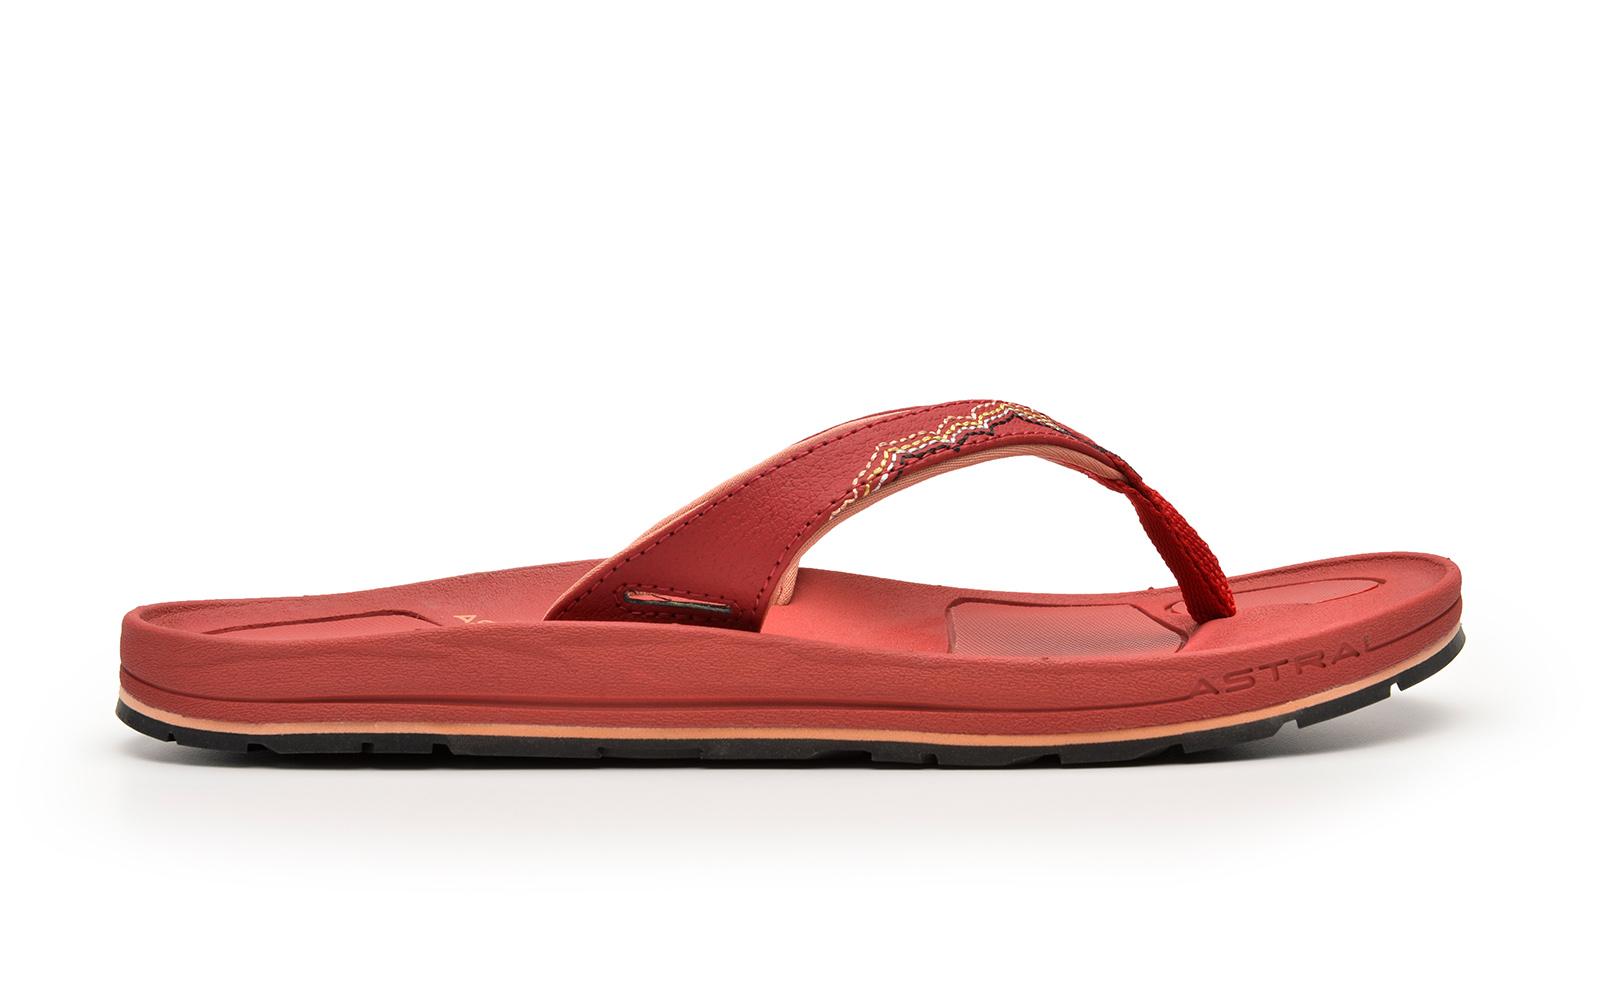 c69f3d58c4fc85 Rosa Women s Water Sandals